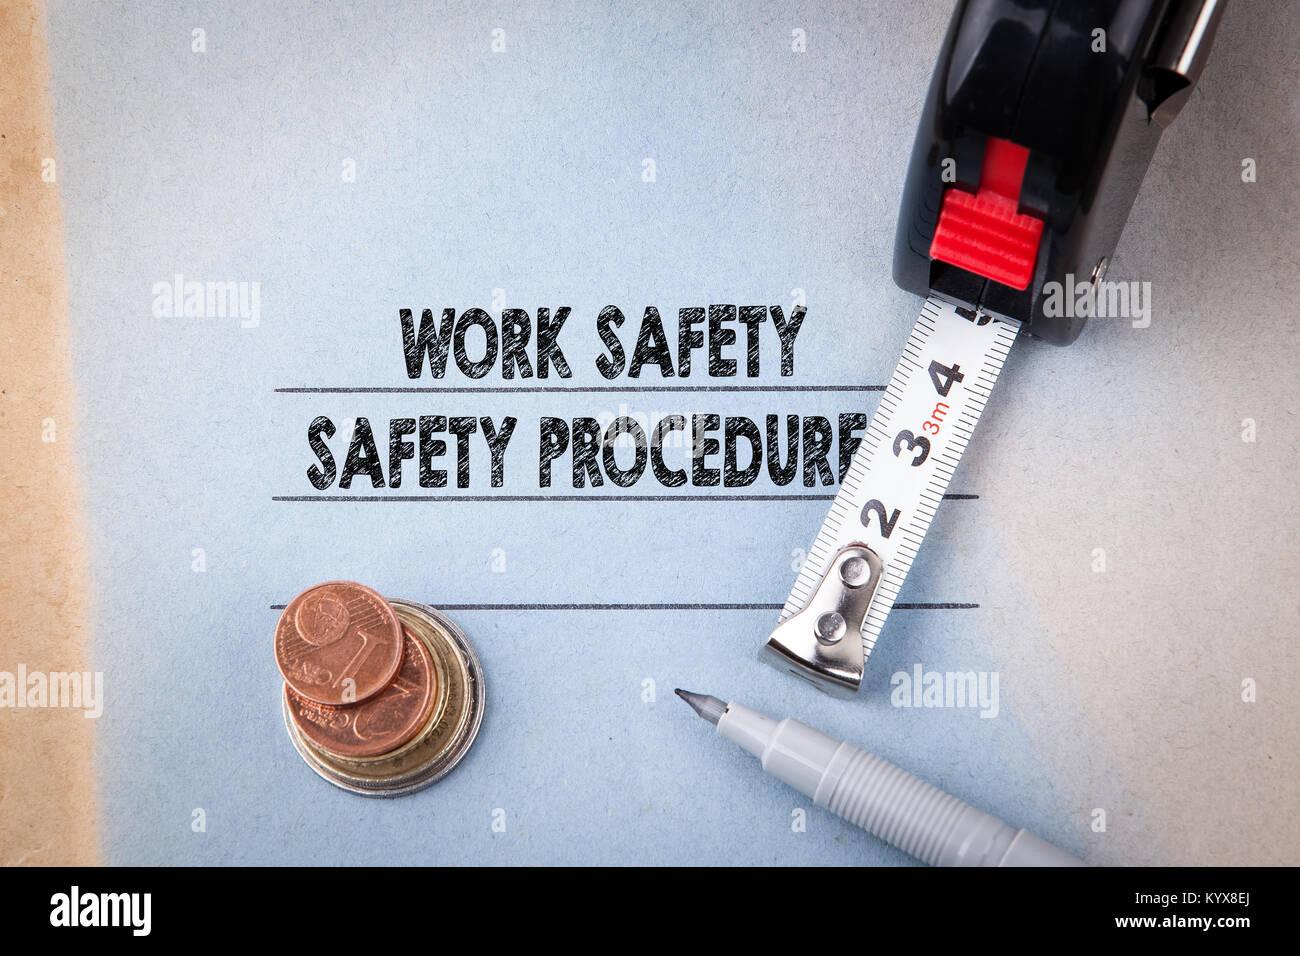 Arbeiten Sicherheit und Notverfahren. Gefahren, Schutz, Gesundheit und Vorschriften Stockbild